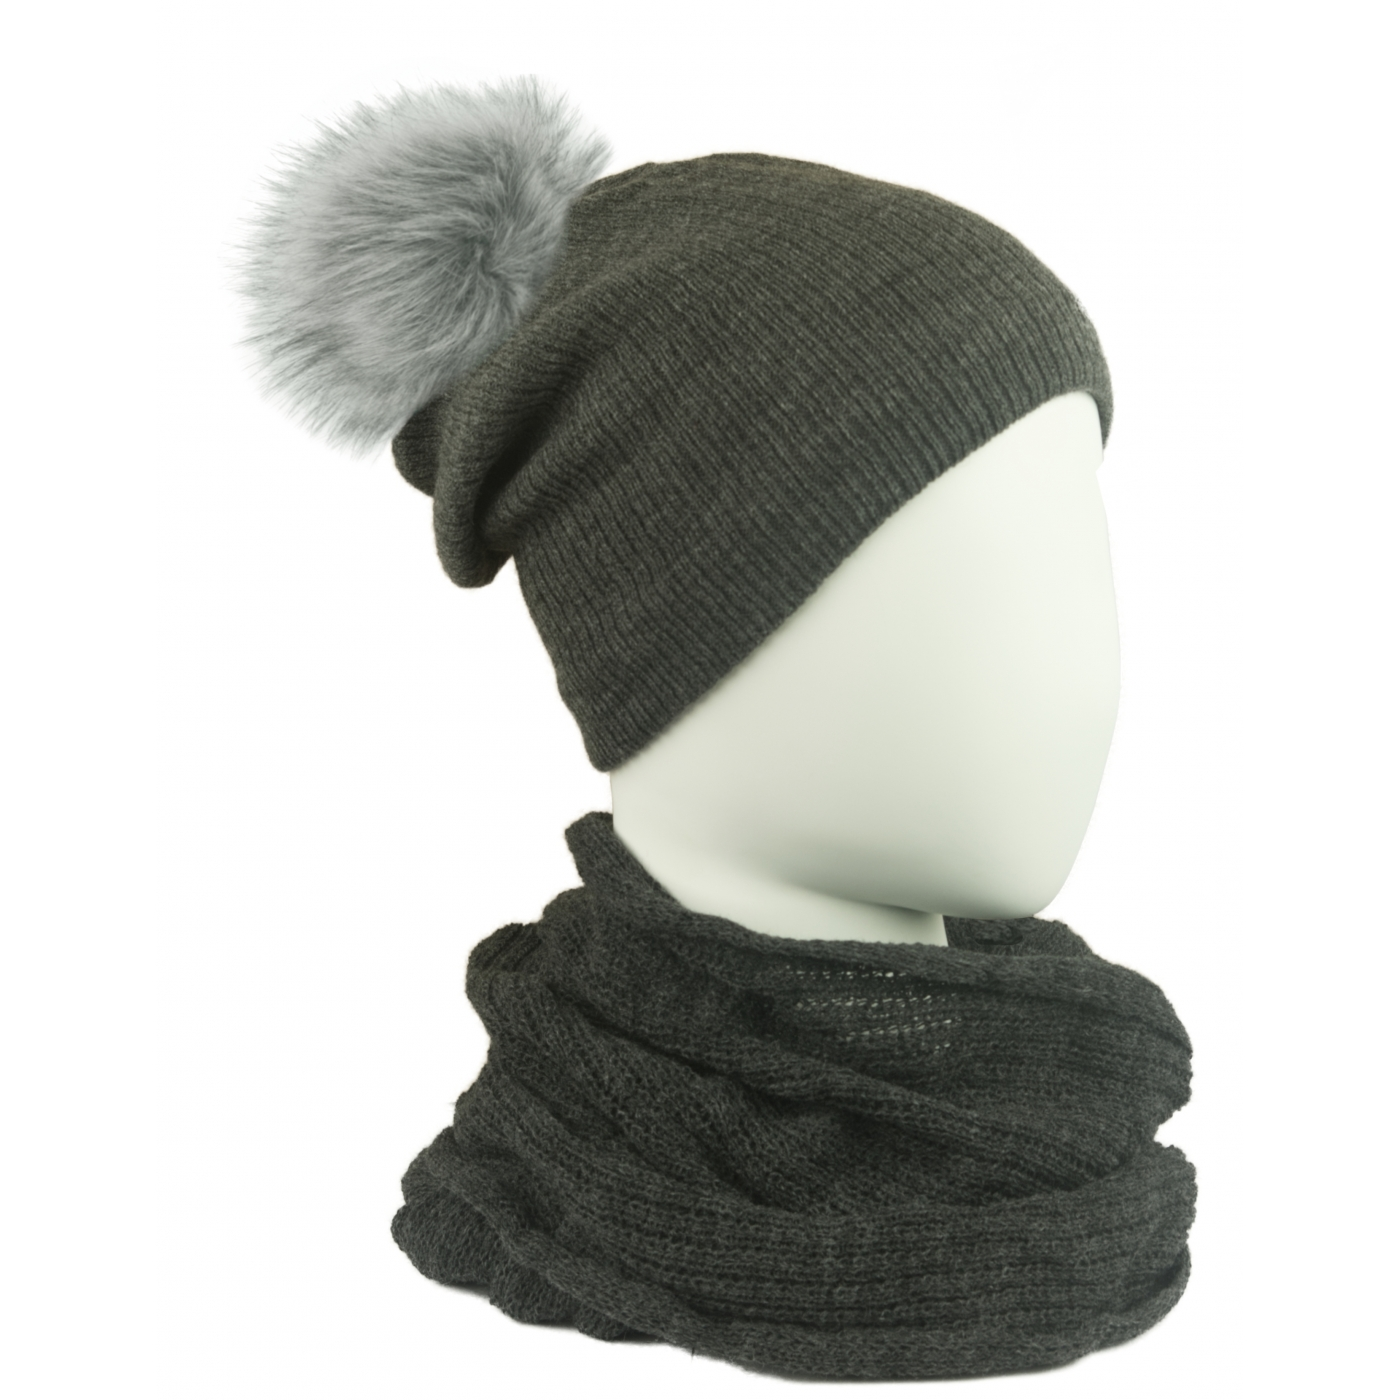 Komplet damski czapka na polarze z pomponem i komin - grafitowy szary